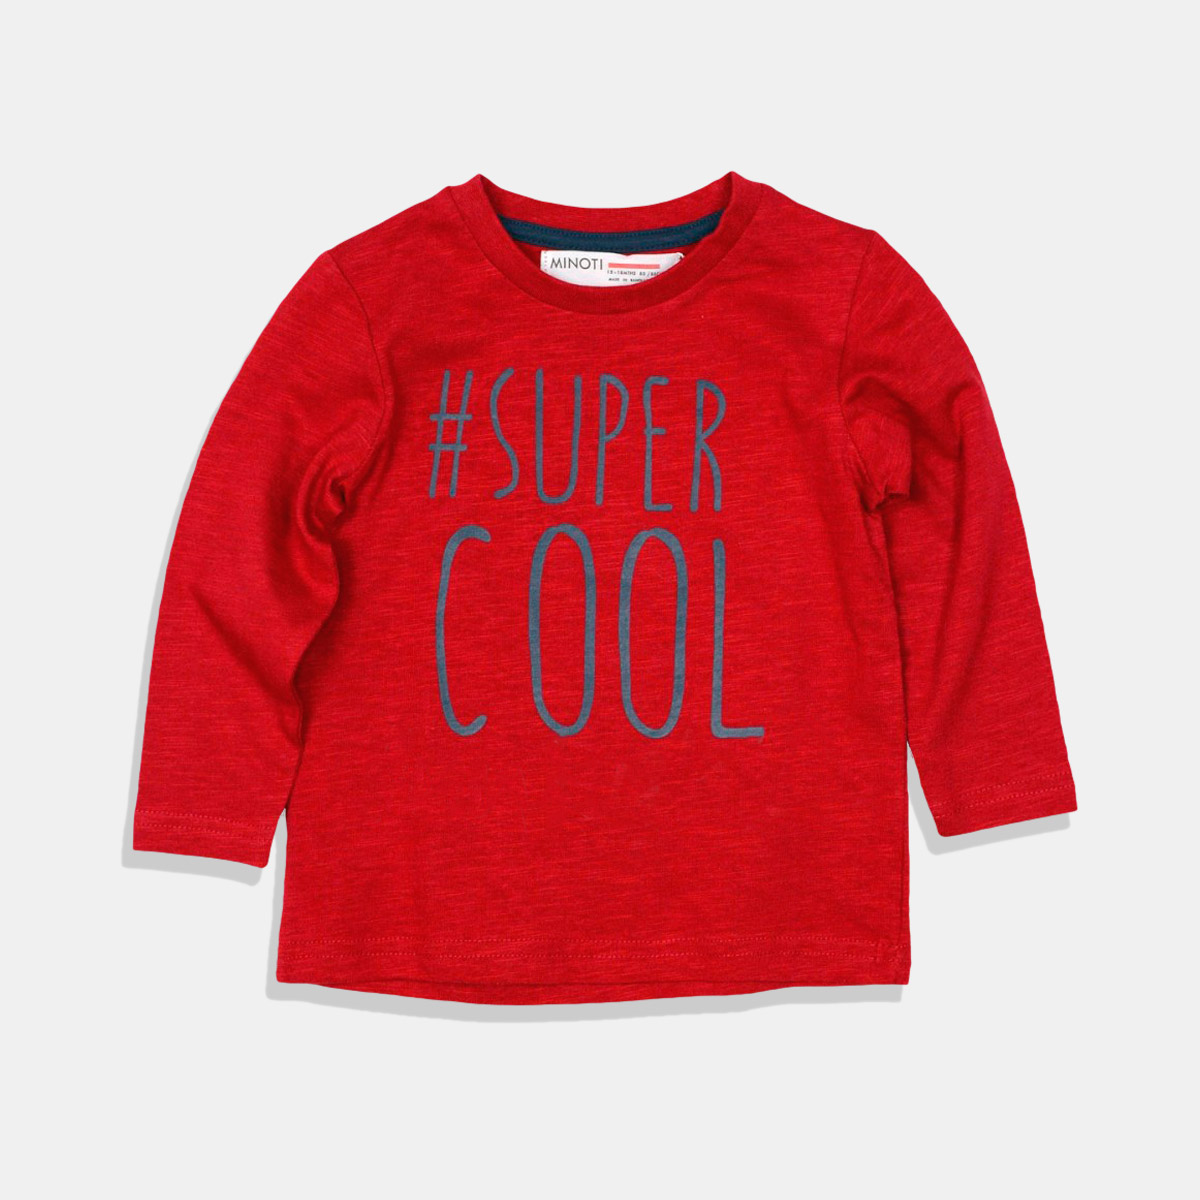 Блузка Super Cool тъмно червена